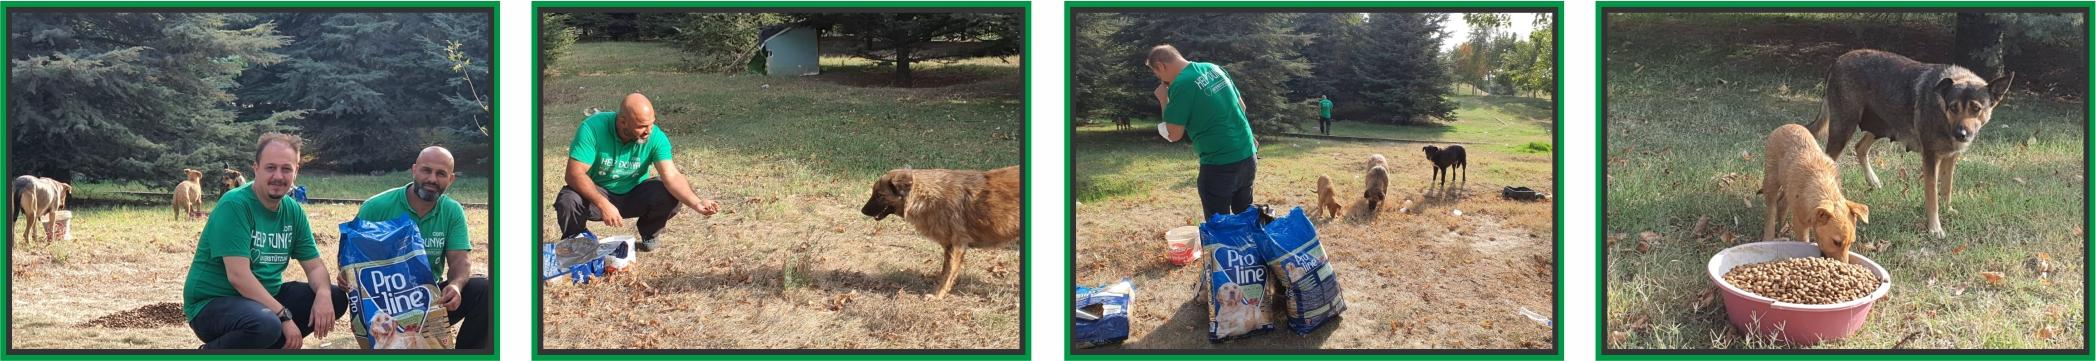 Nothilfe Tiere Help Dunya